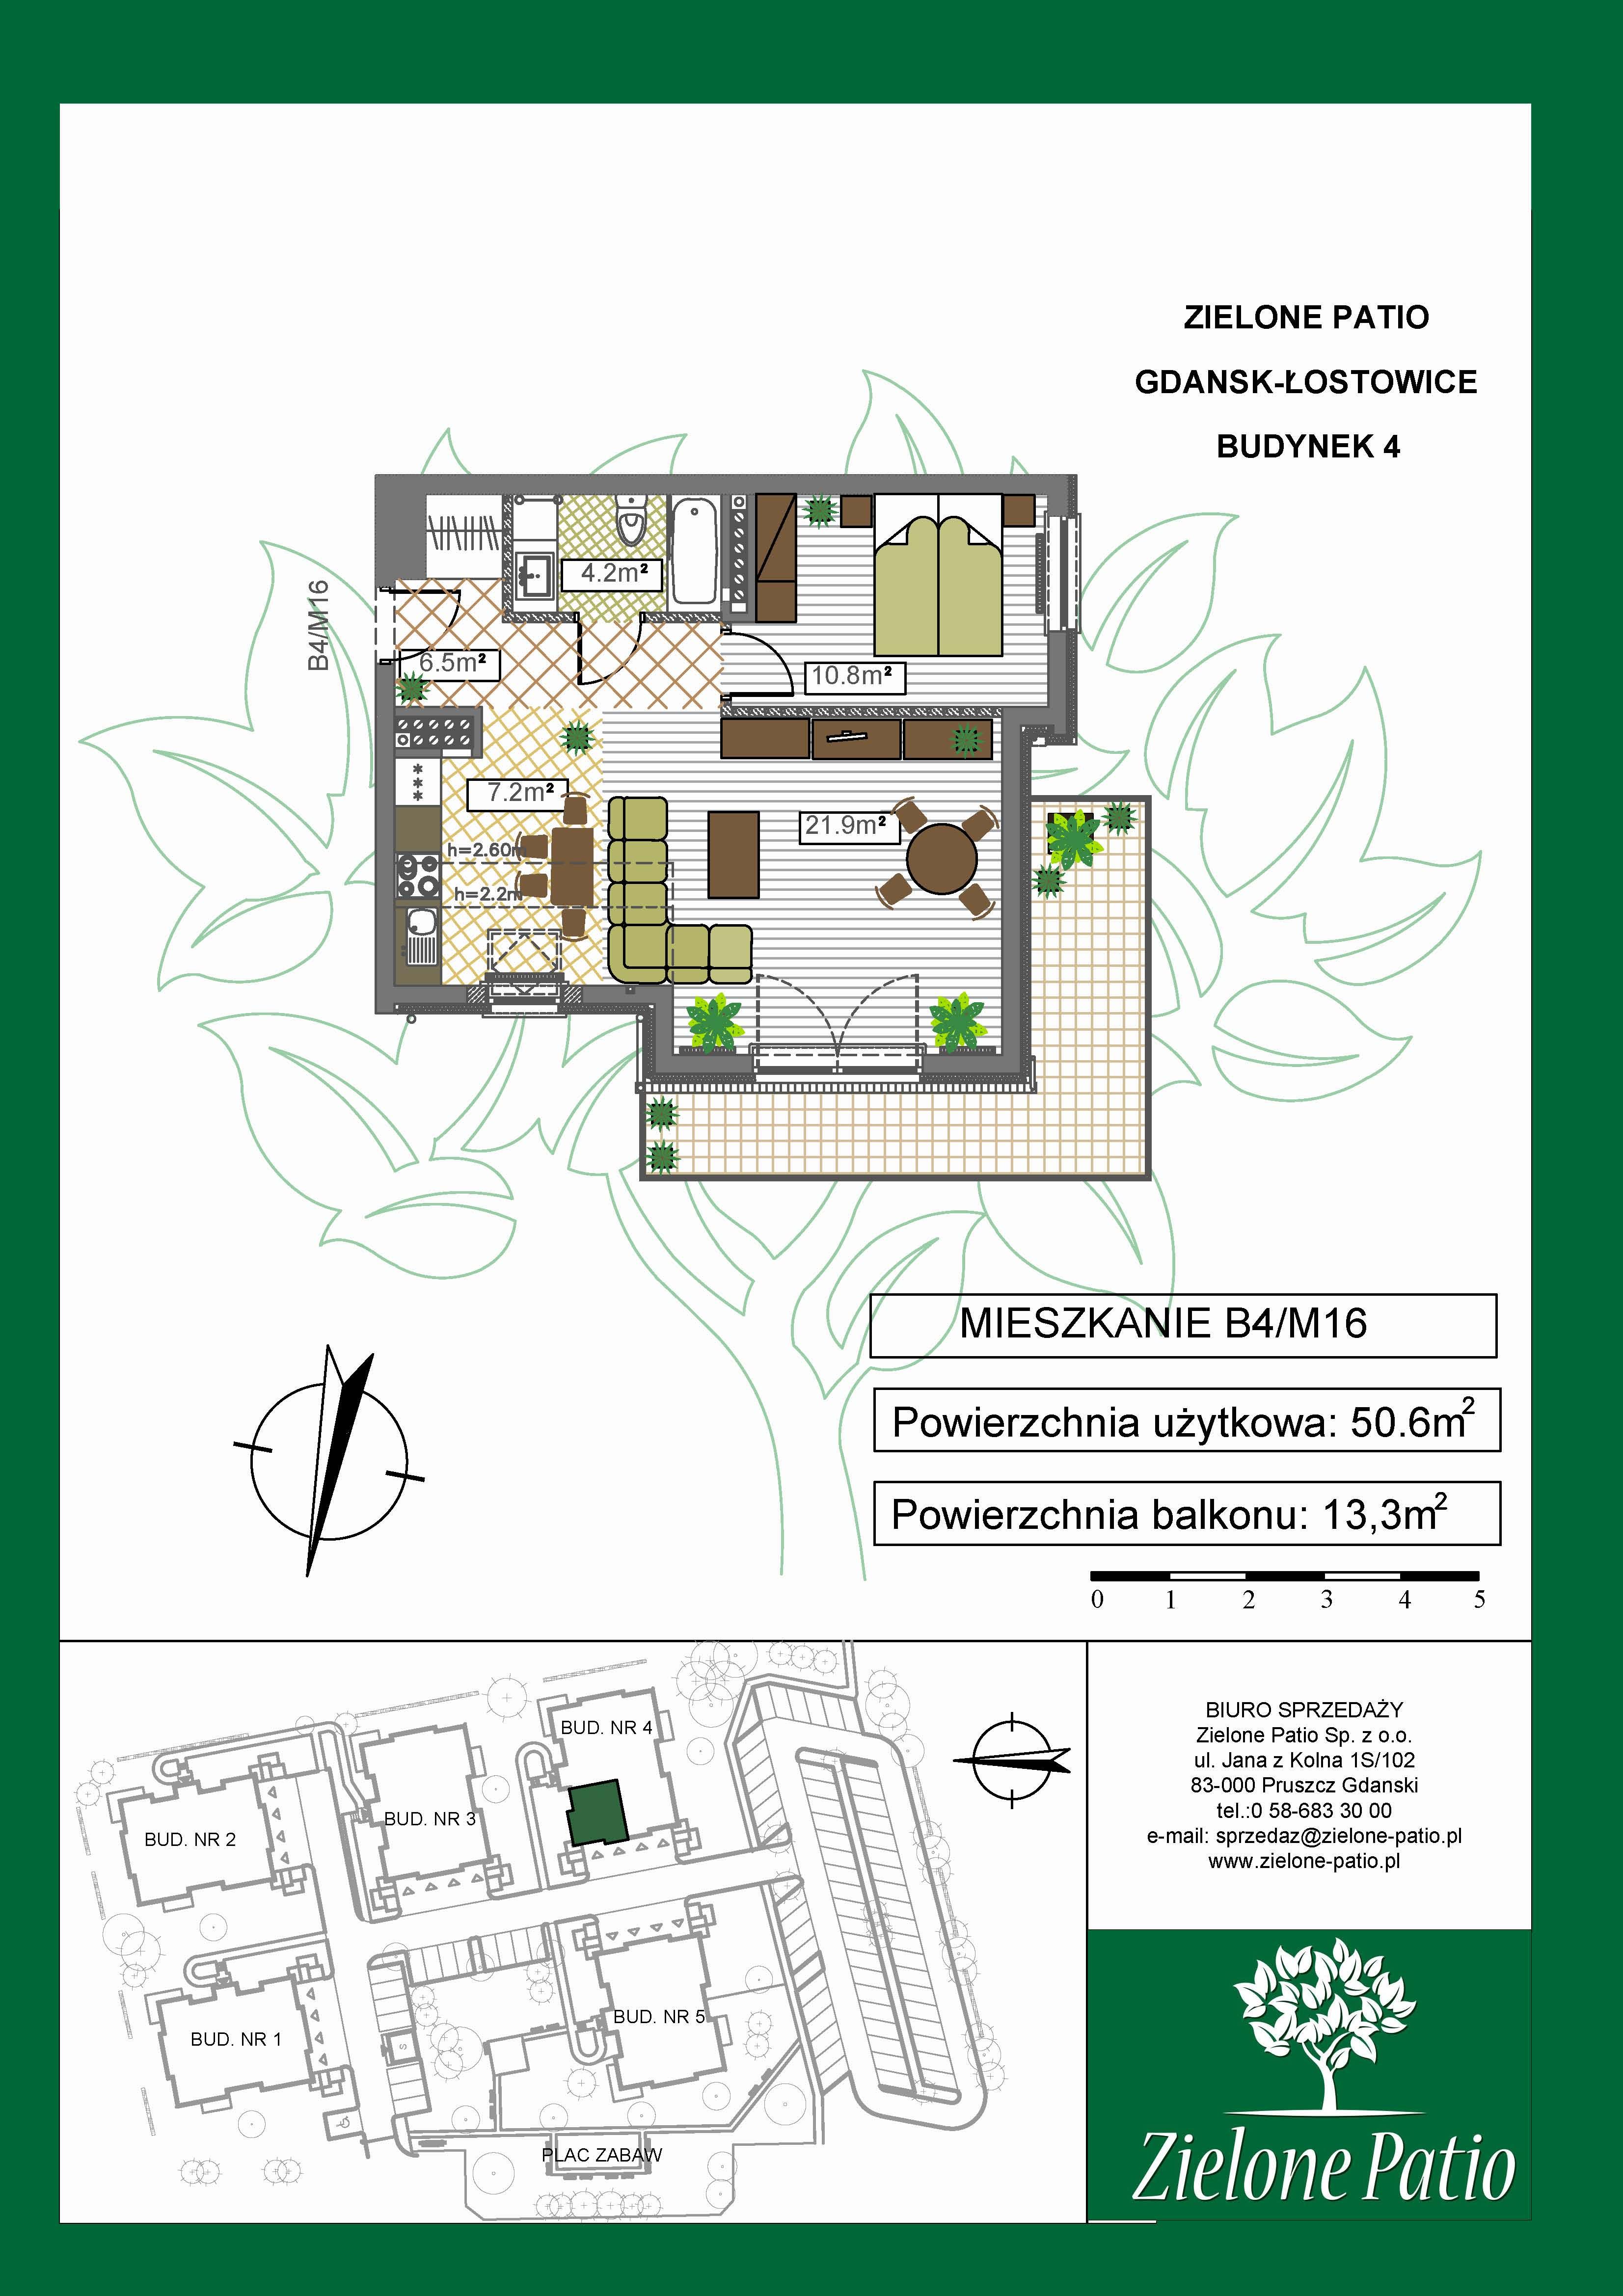 Plan M16 Zielone Patio, Budynek nr 4